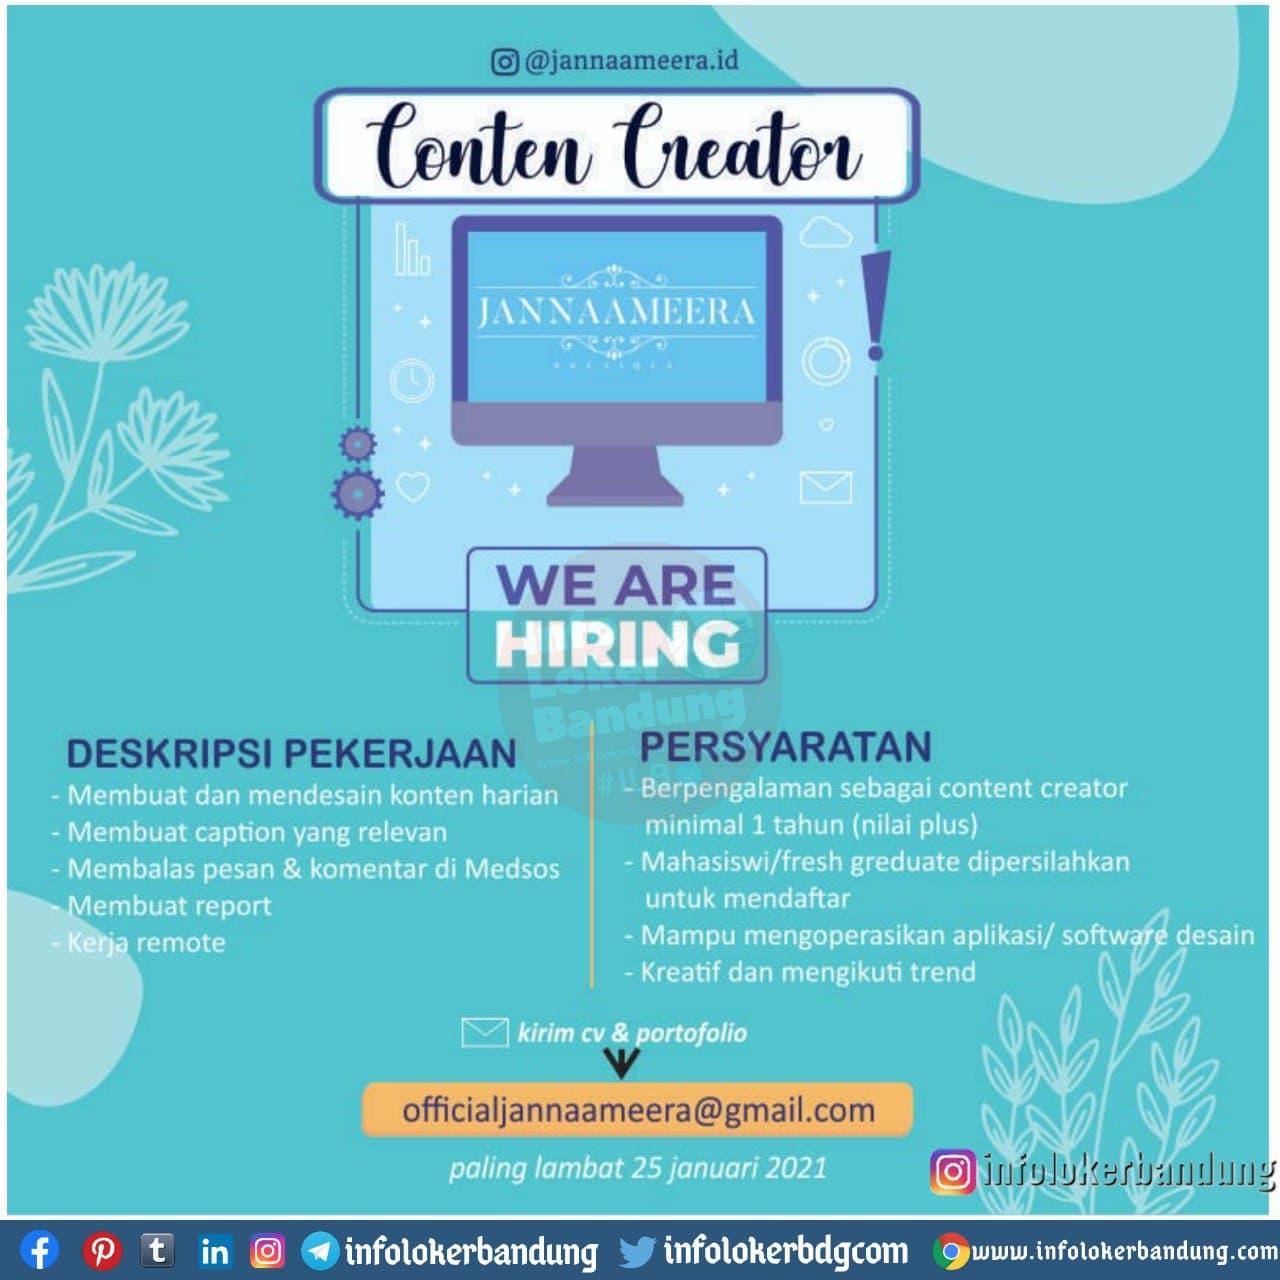 Lowongan Kerja Jannaameera Bandung Januari 2021